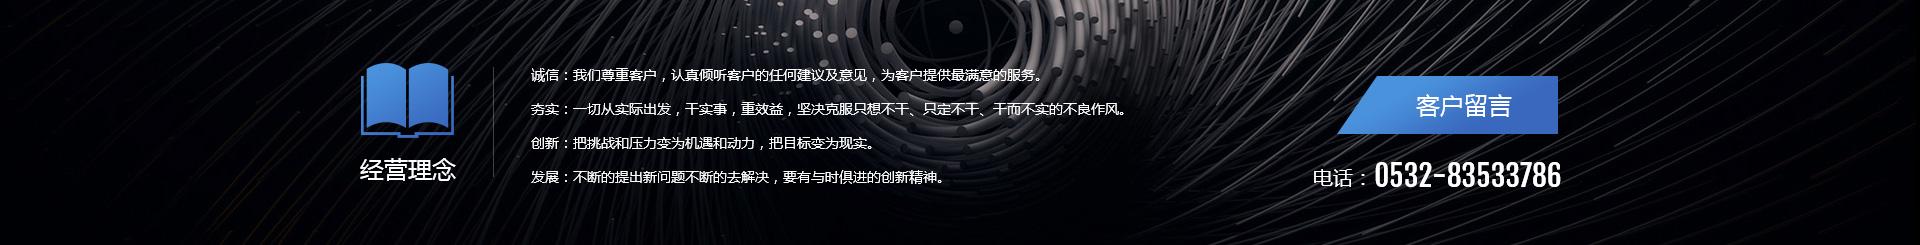 青島利浩集團